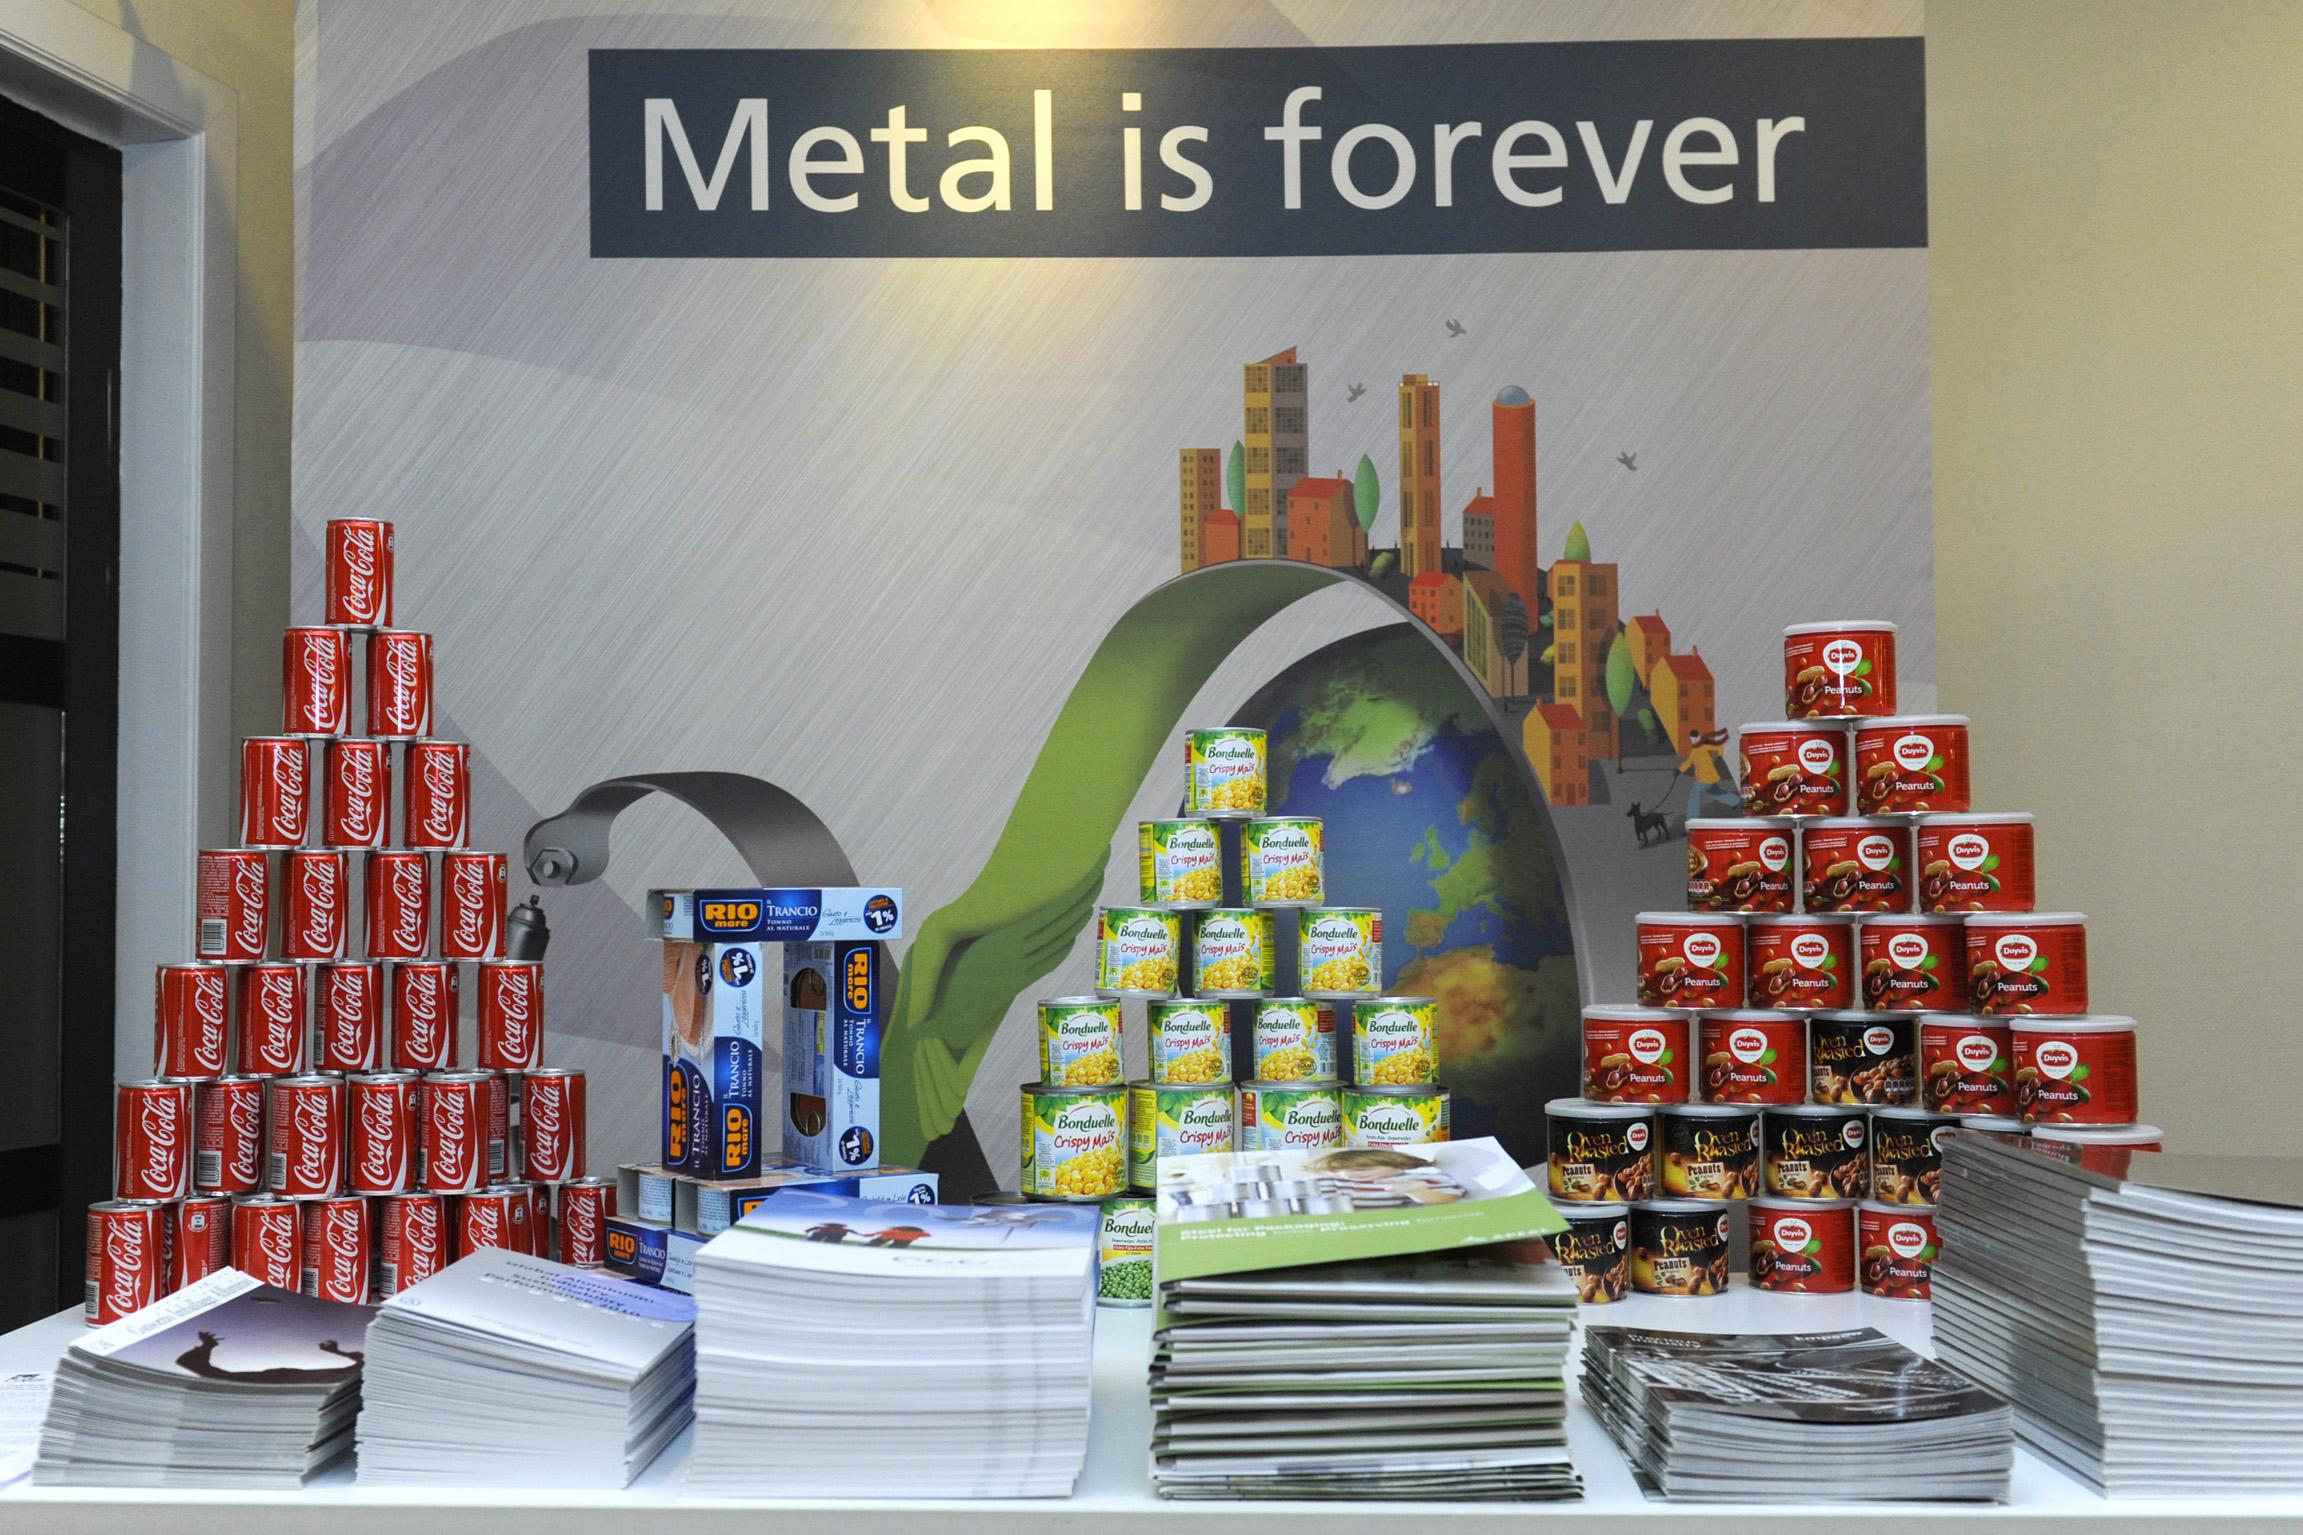 metalpackaging.jpg